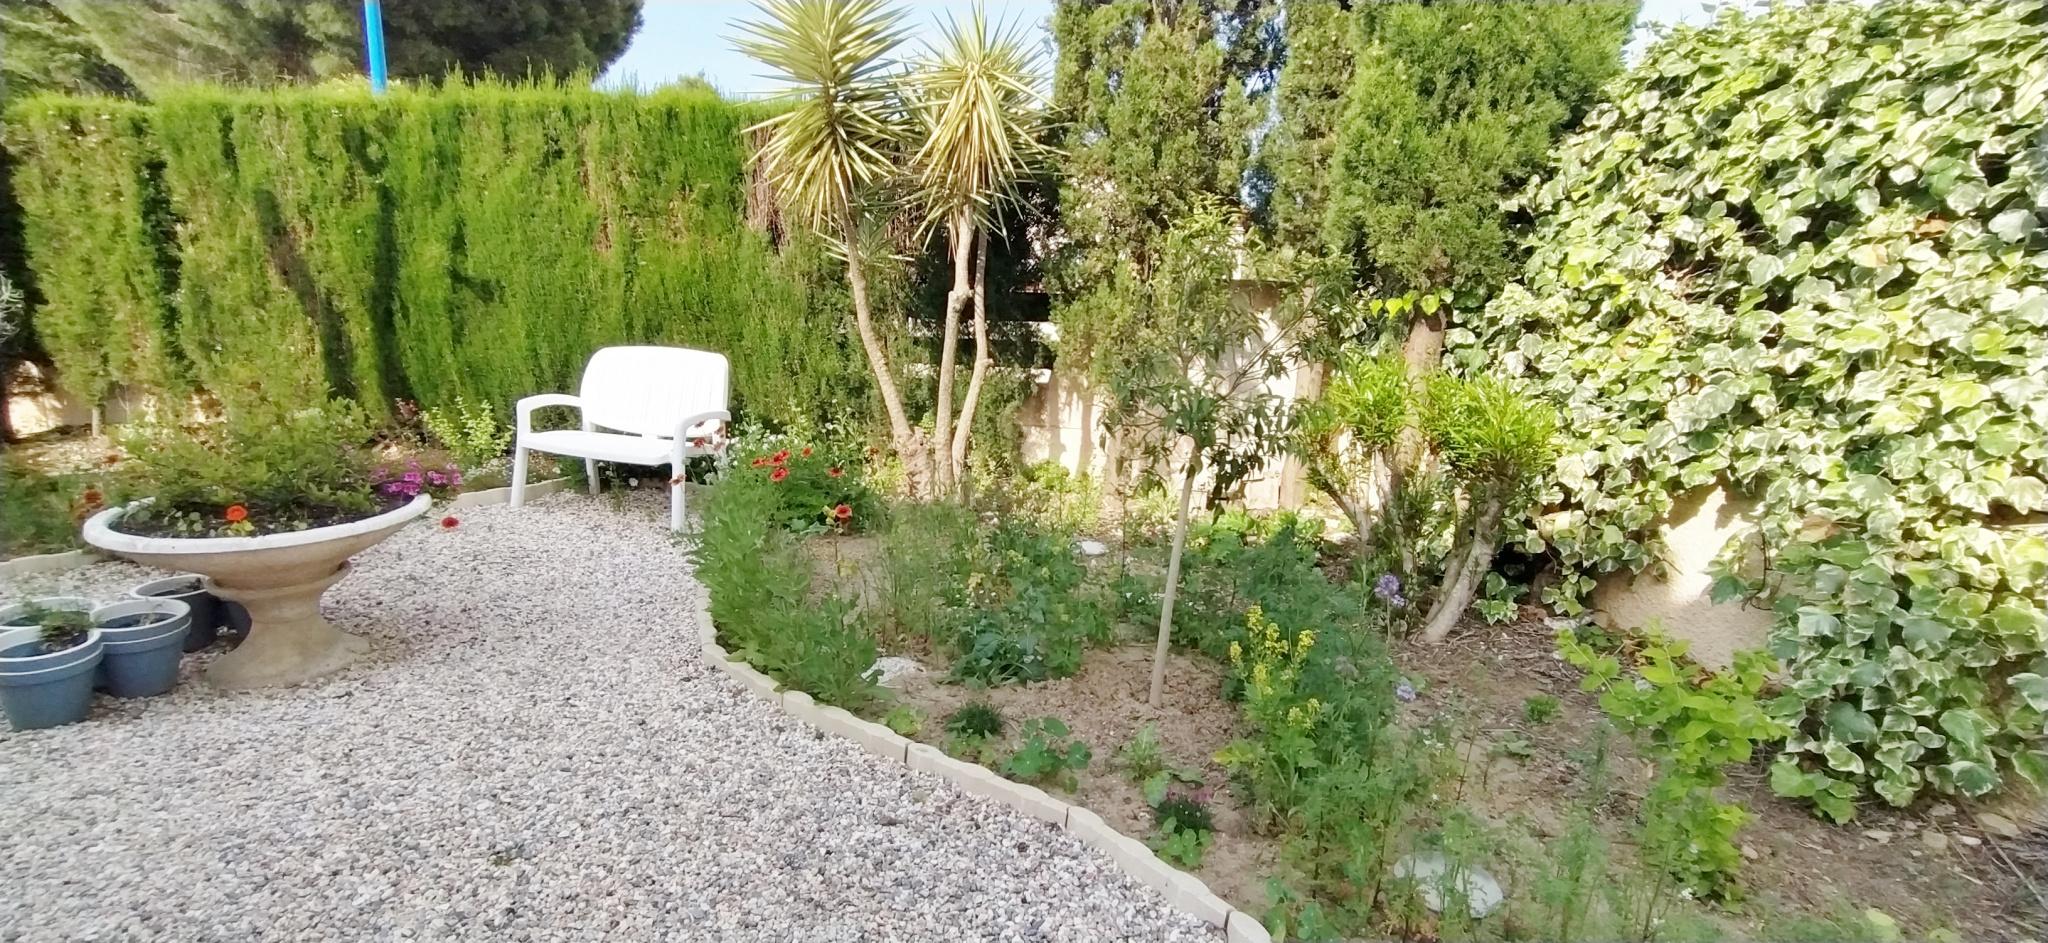 À vendre maison/villa de 140m2 à argeles sur mer (66700) - Photo 1'